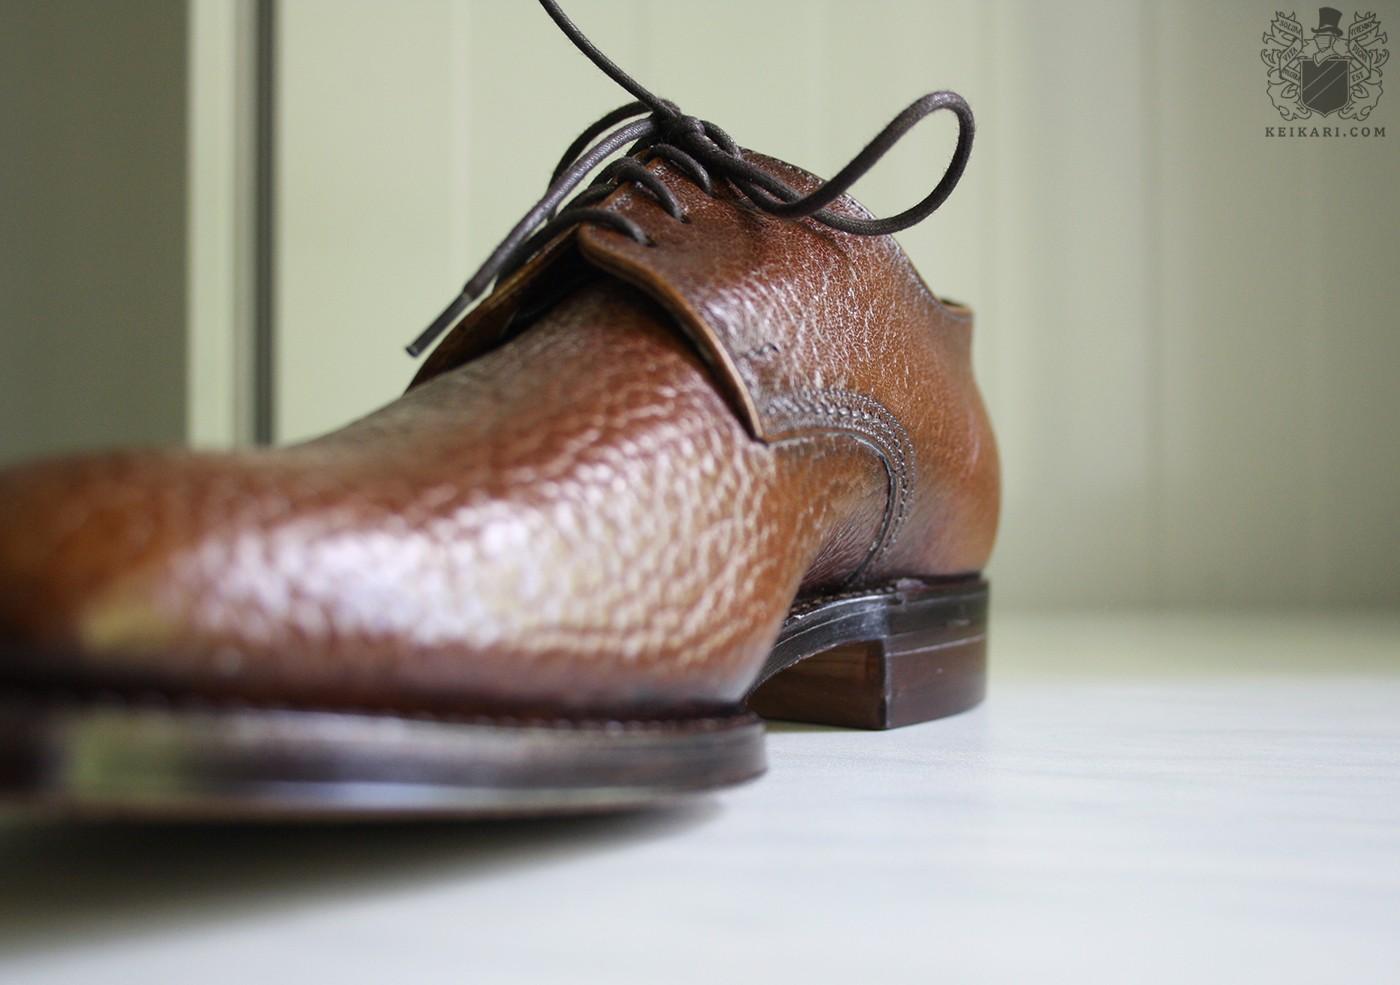 Vintage_Saxone_camel_skin_shoes_at_Keikari_dot_com11.jpg